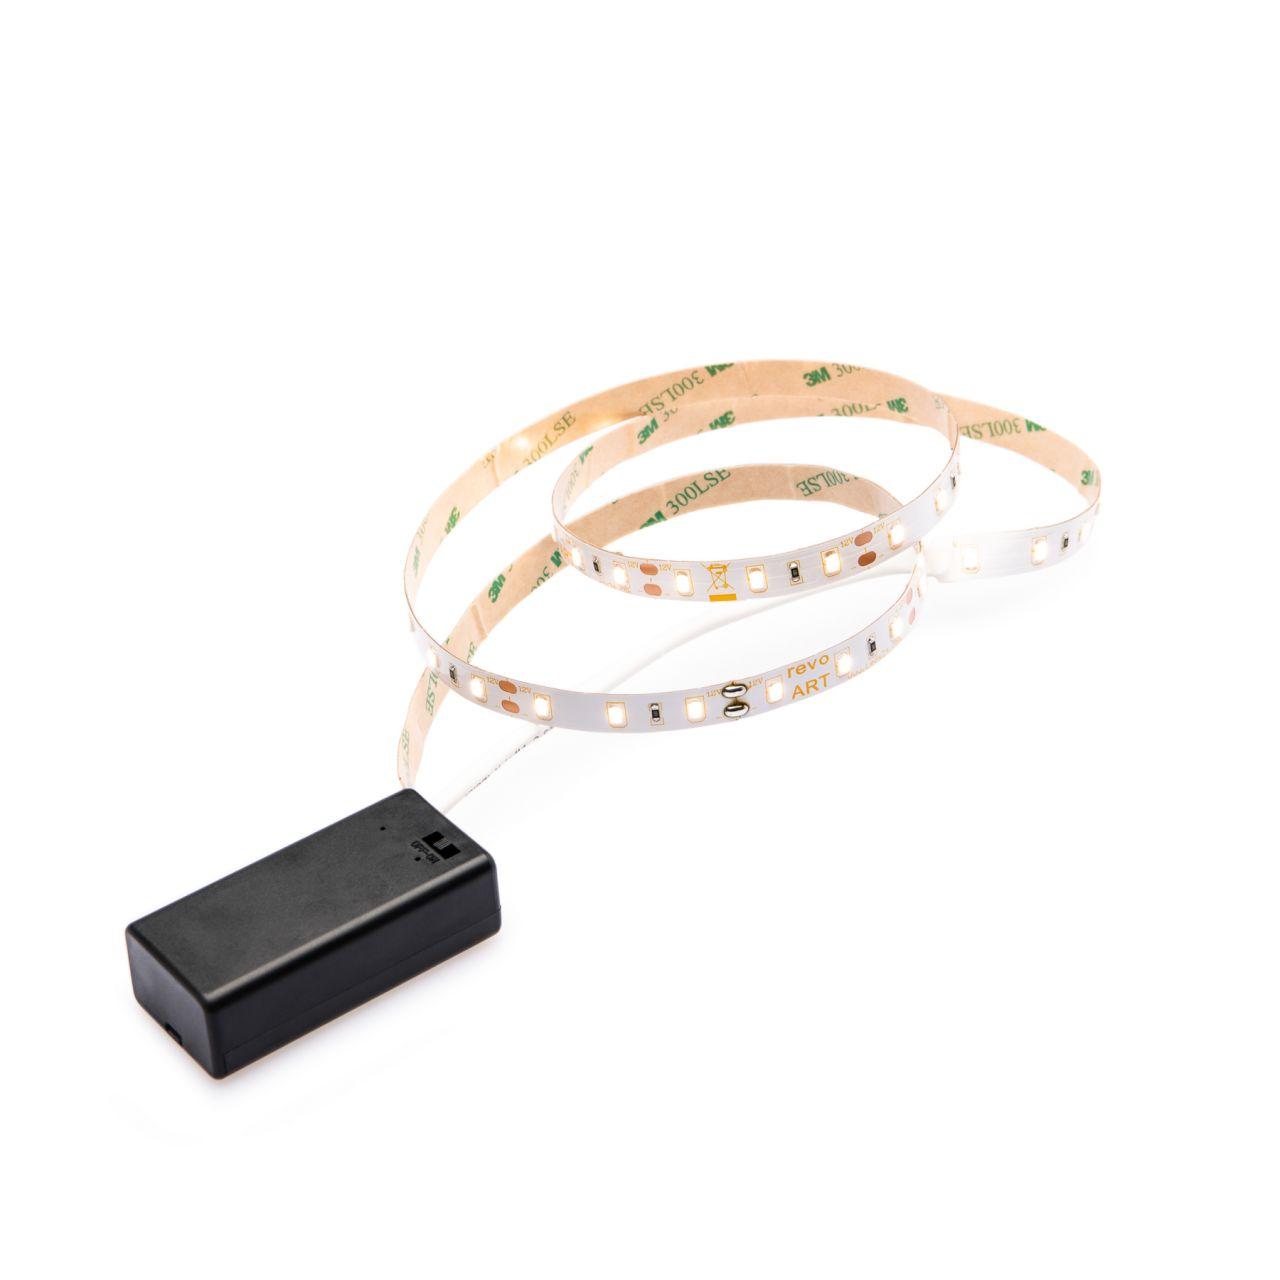 batteriebetriebenes LED Streifen Set, Lichtfarbe Warmweiß, 9V Block